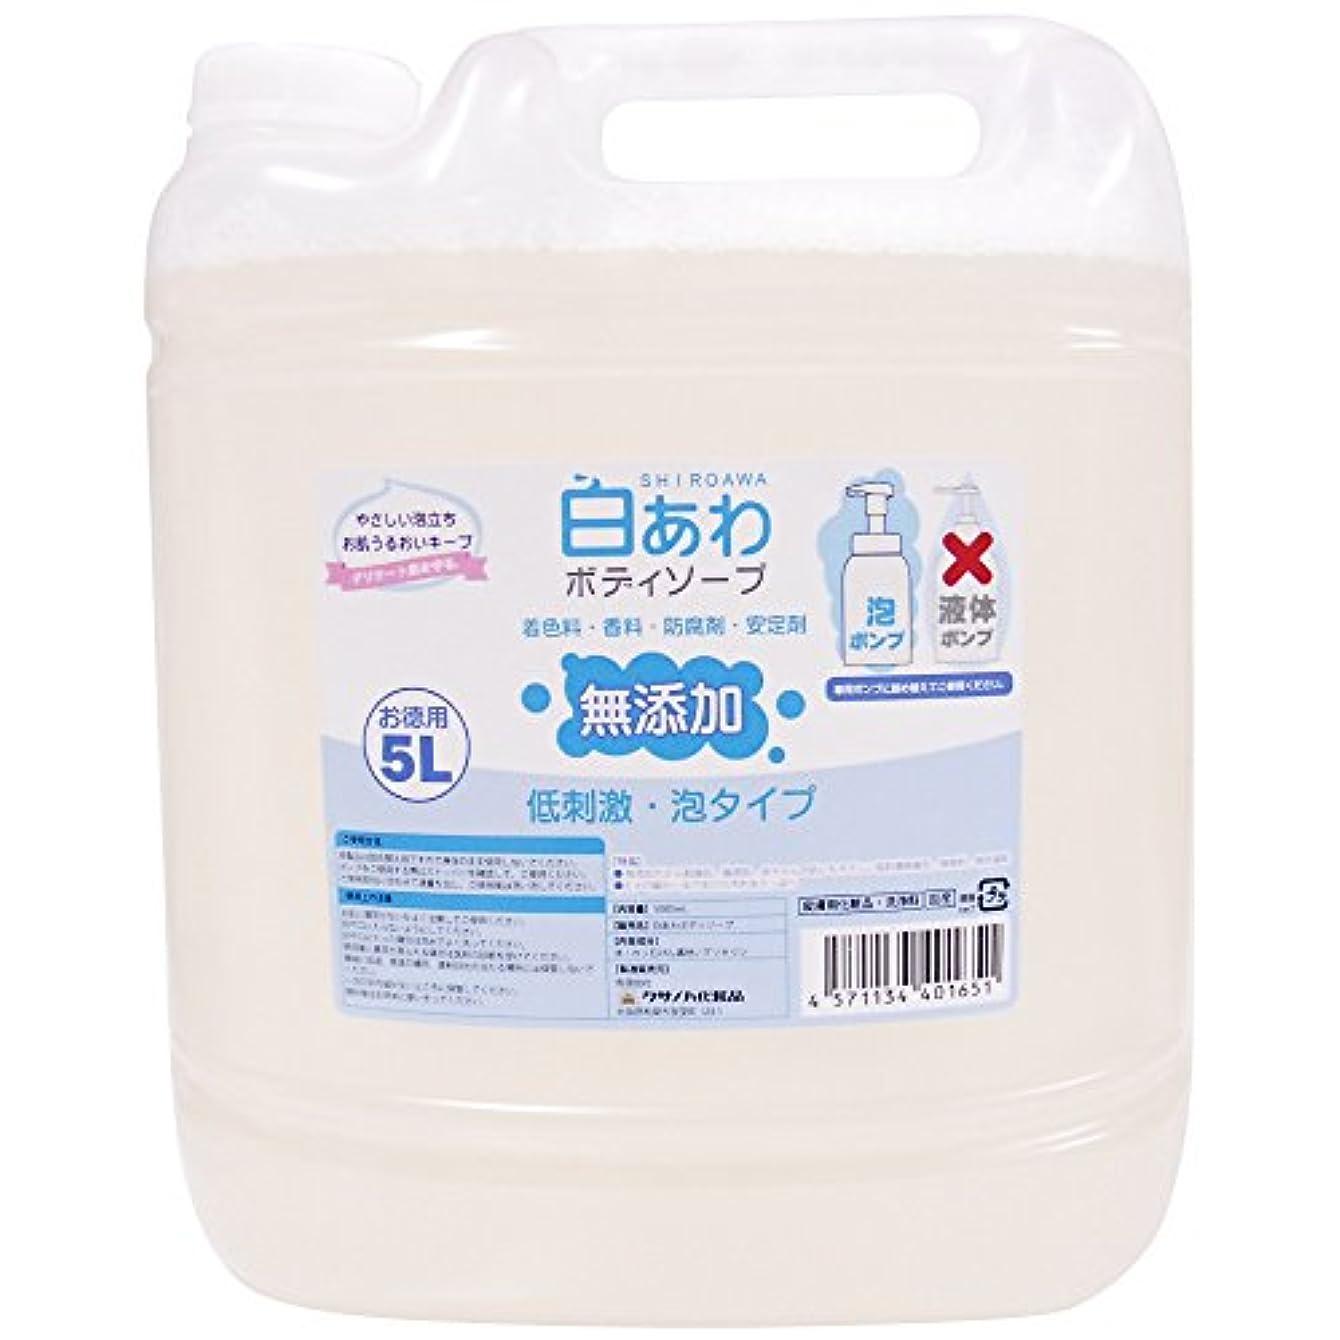 サンプル遠征光景【無添加】白あわボディソープ 詰替用 5L